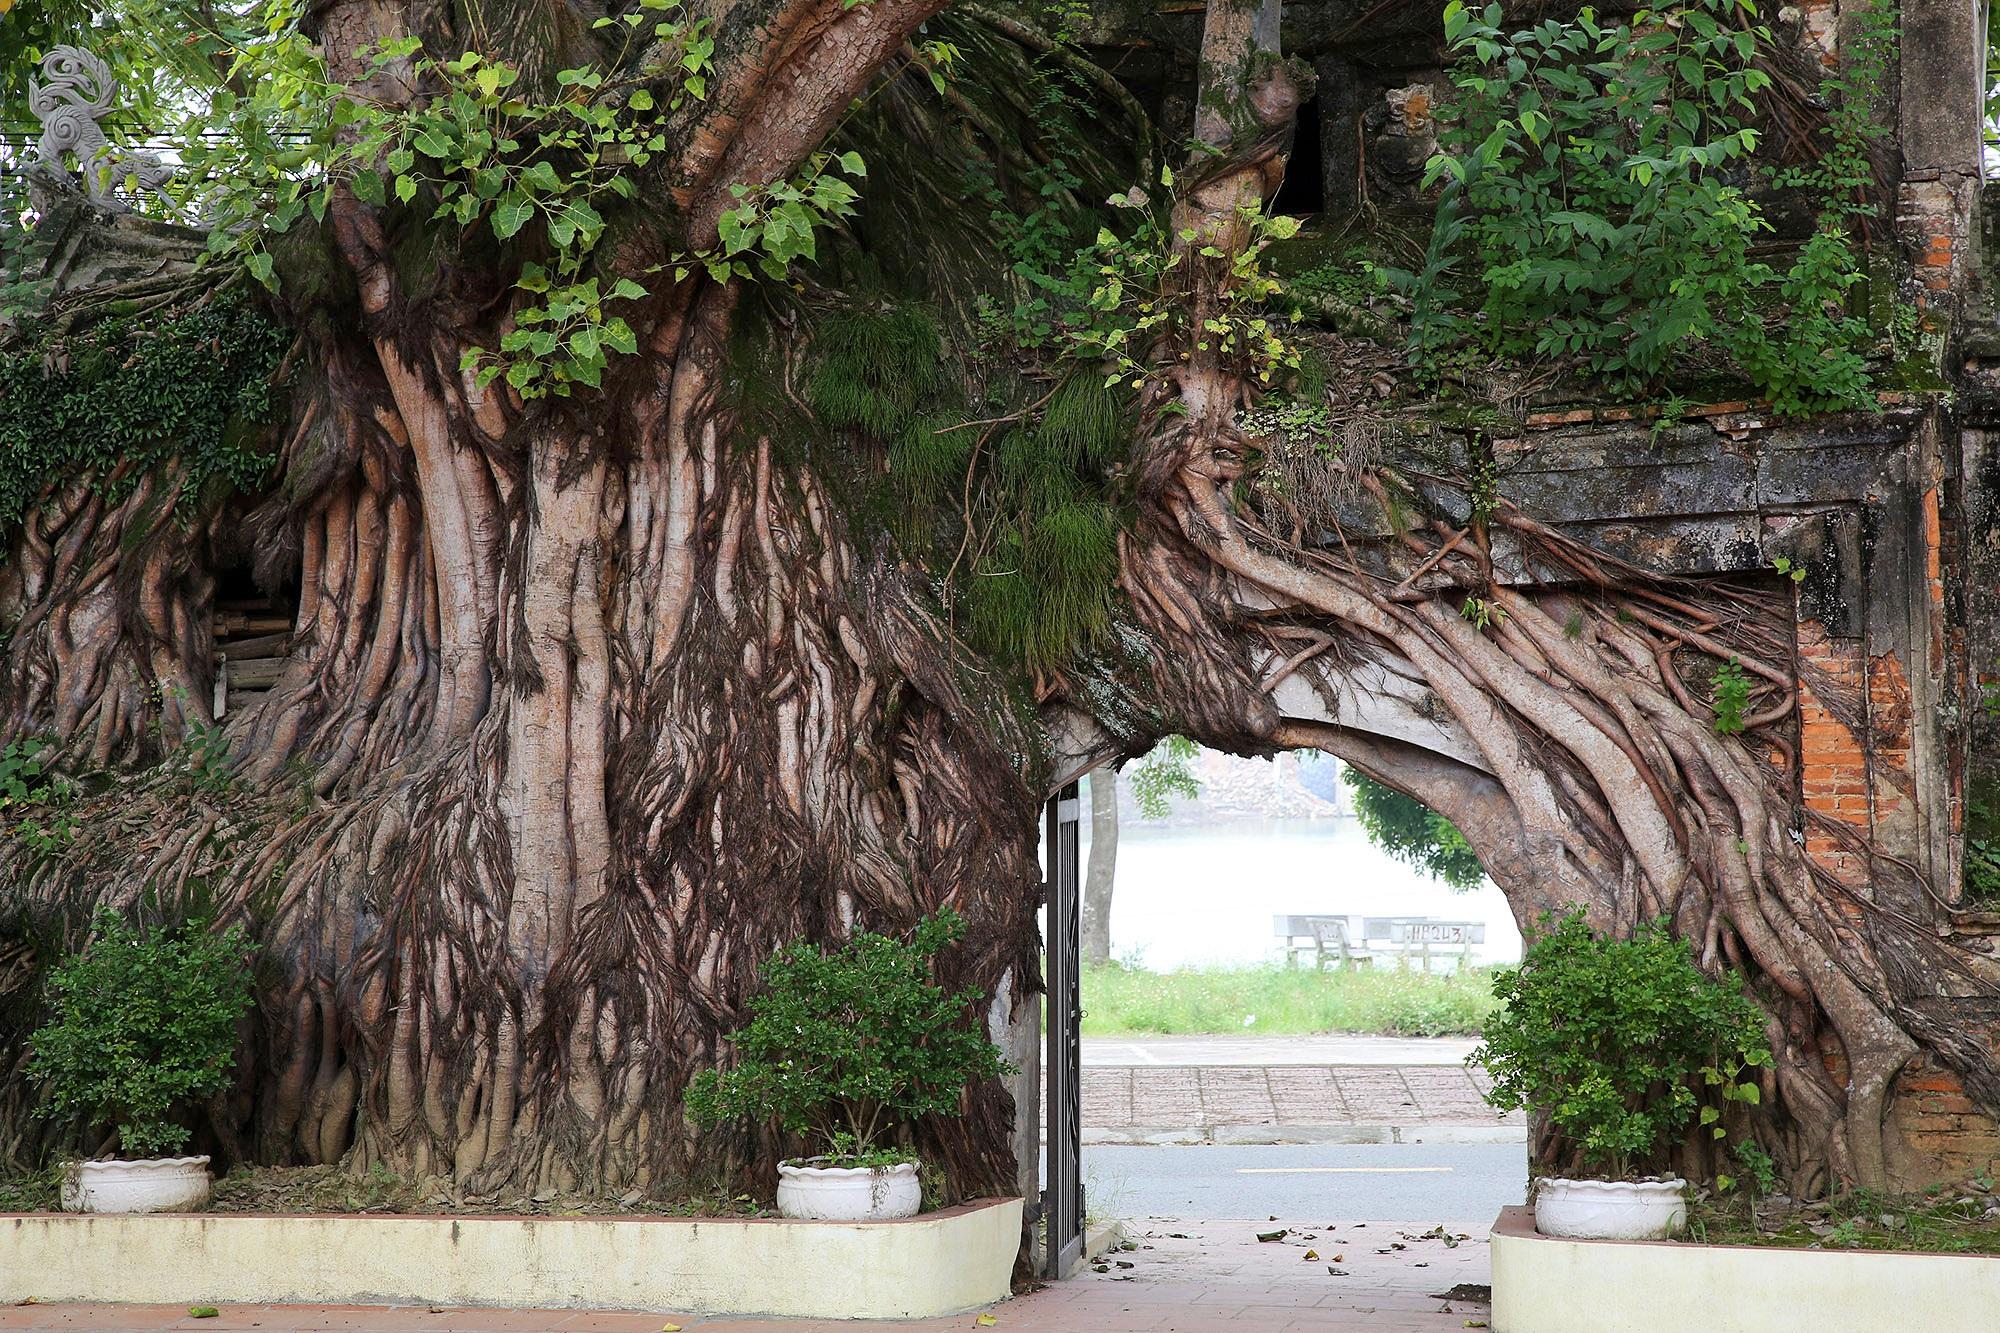 Lạc bước qua những kiệt tác cổng làng từ rễ cây độc đáo tại Bắc bộ - 9